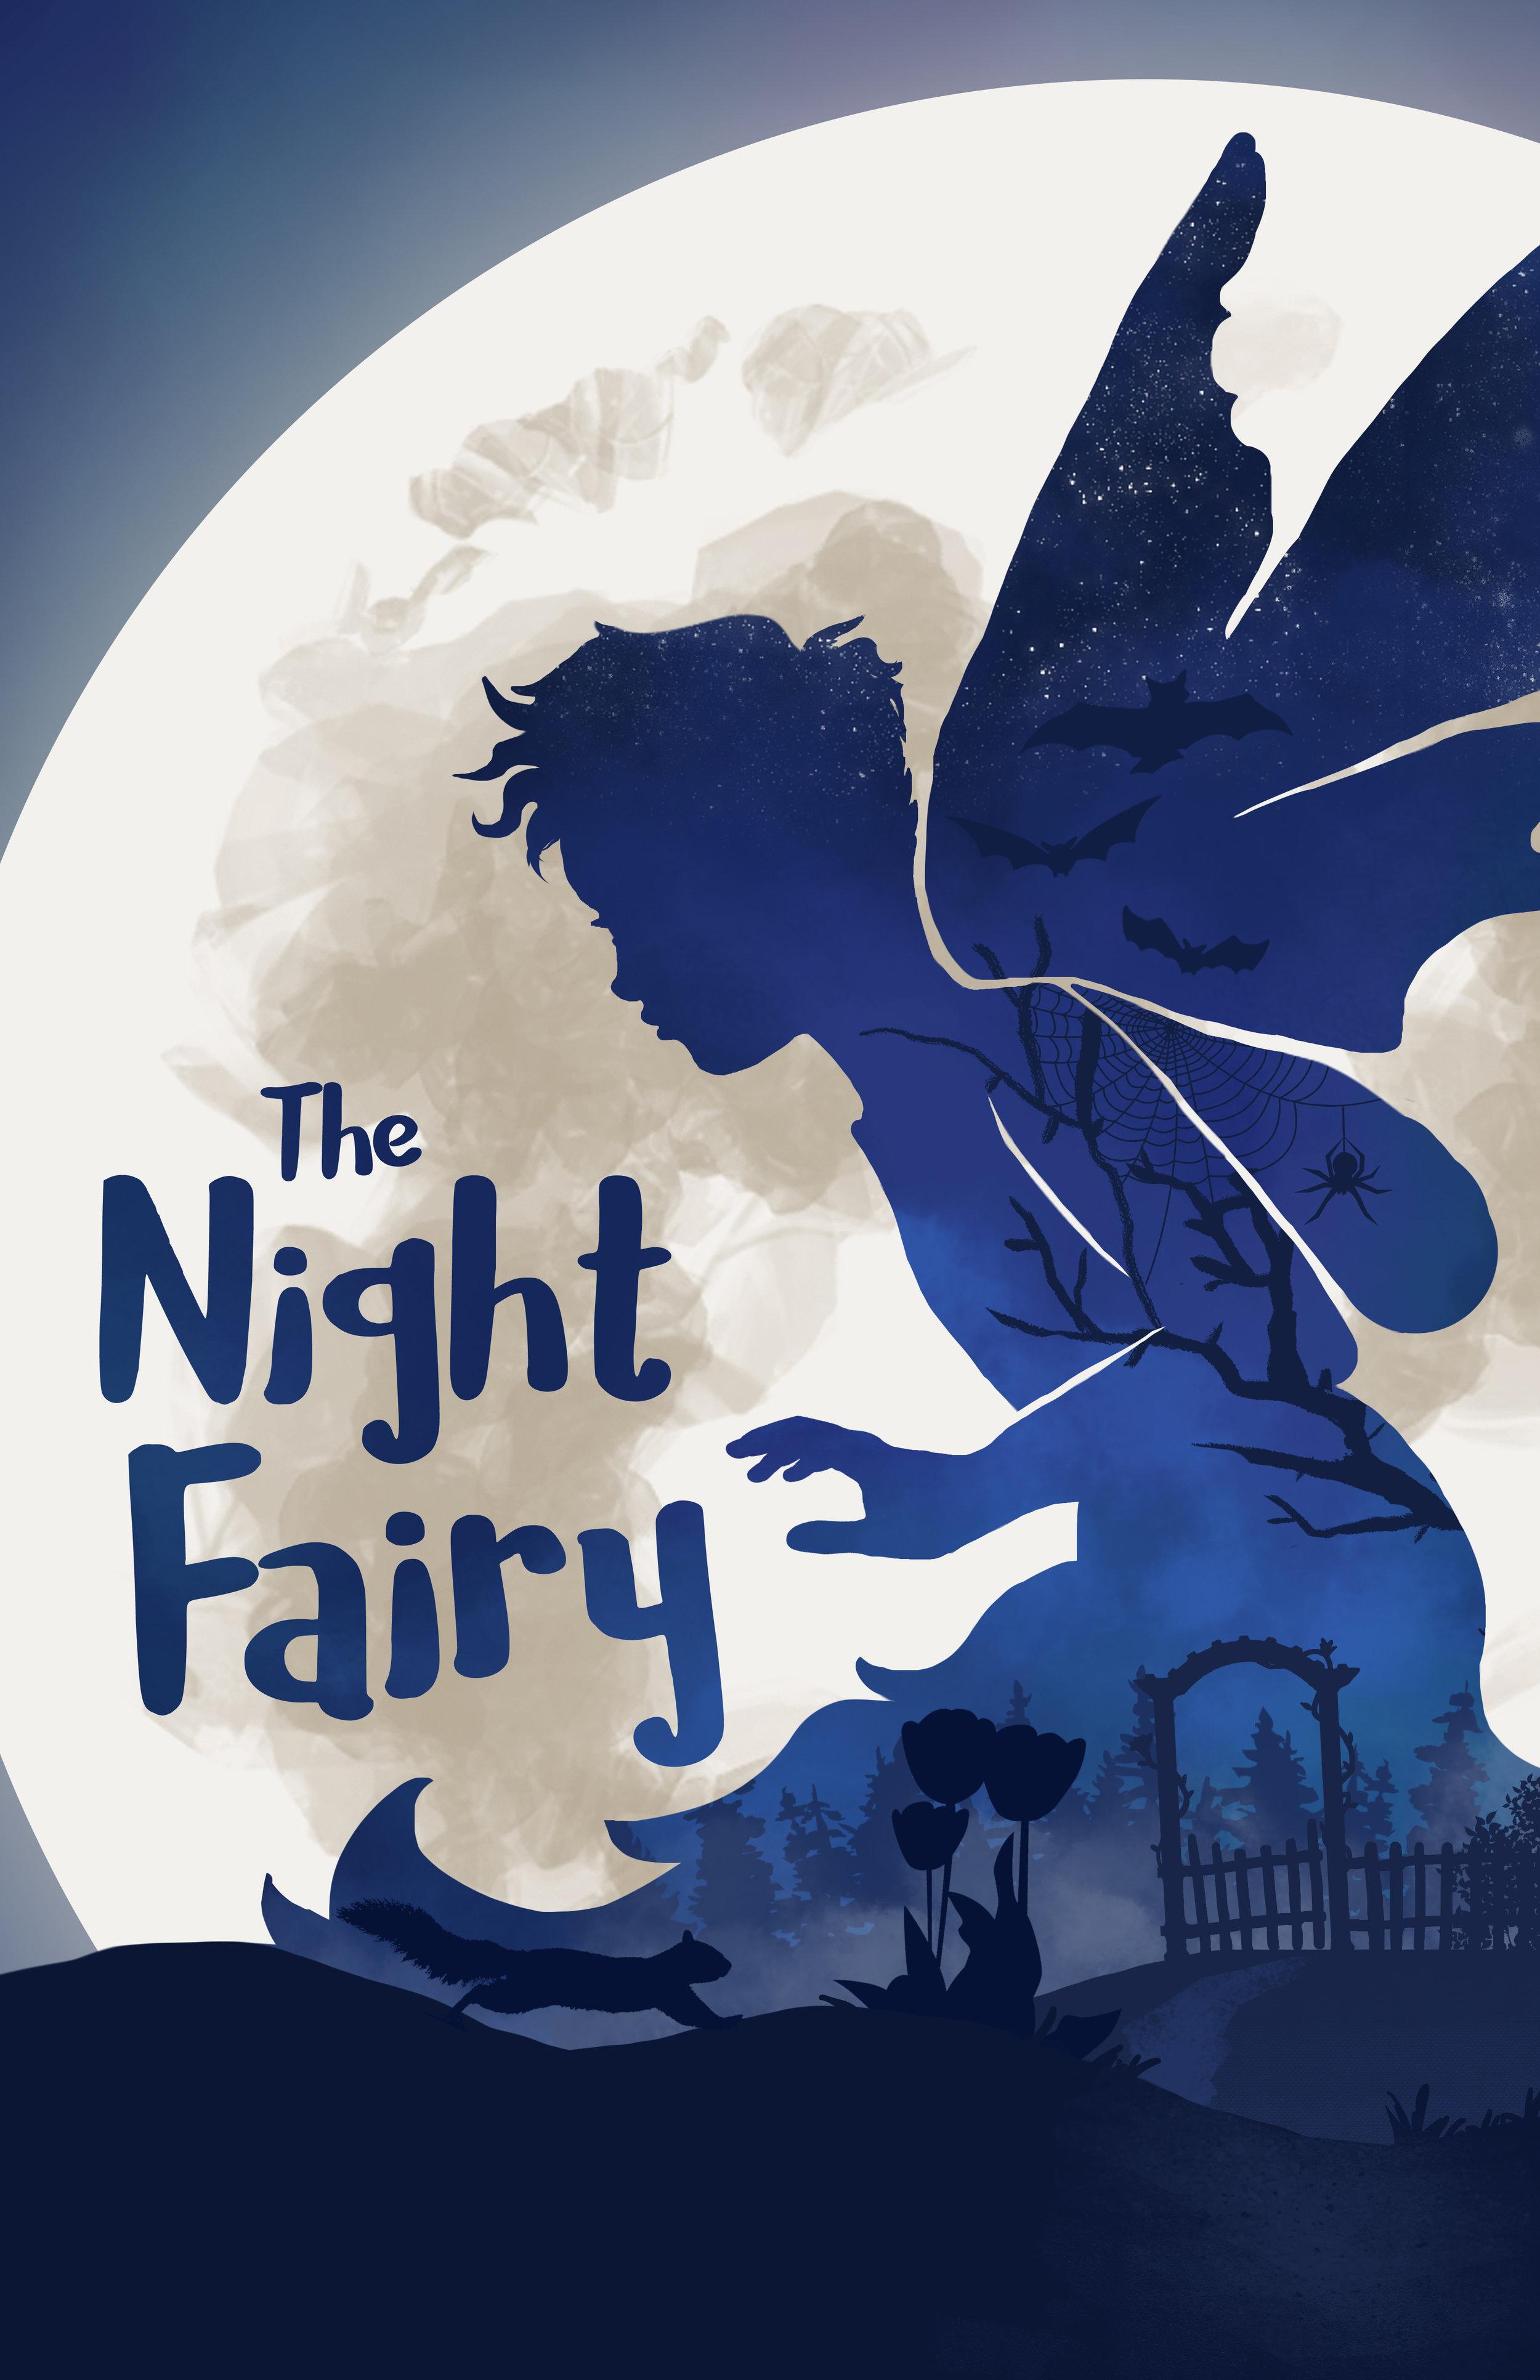 nightfairy_art_poster.jpg